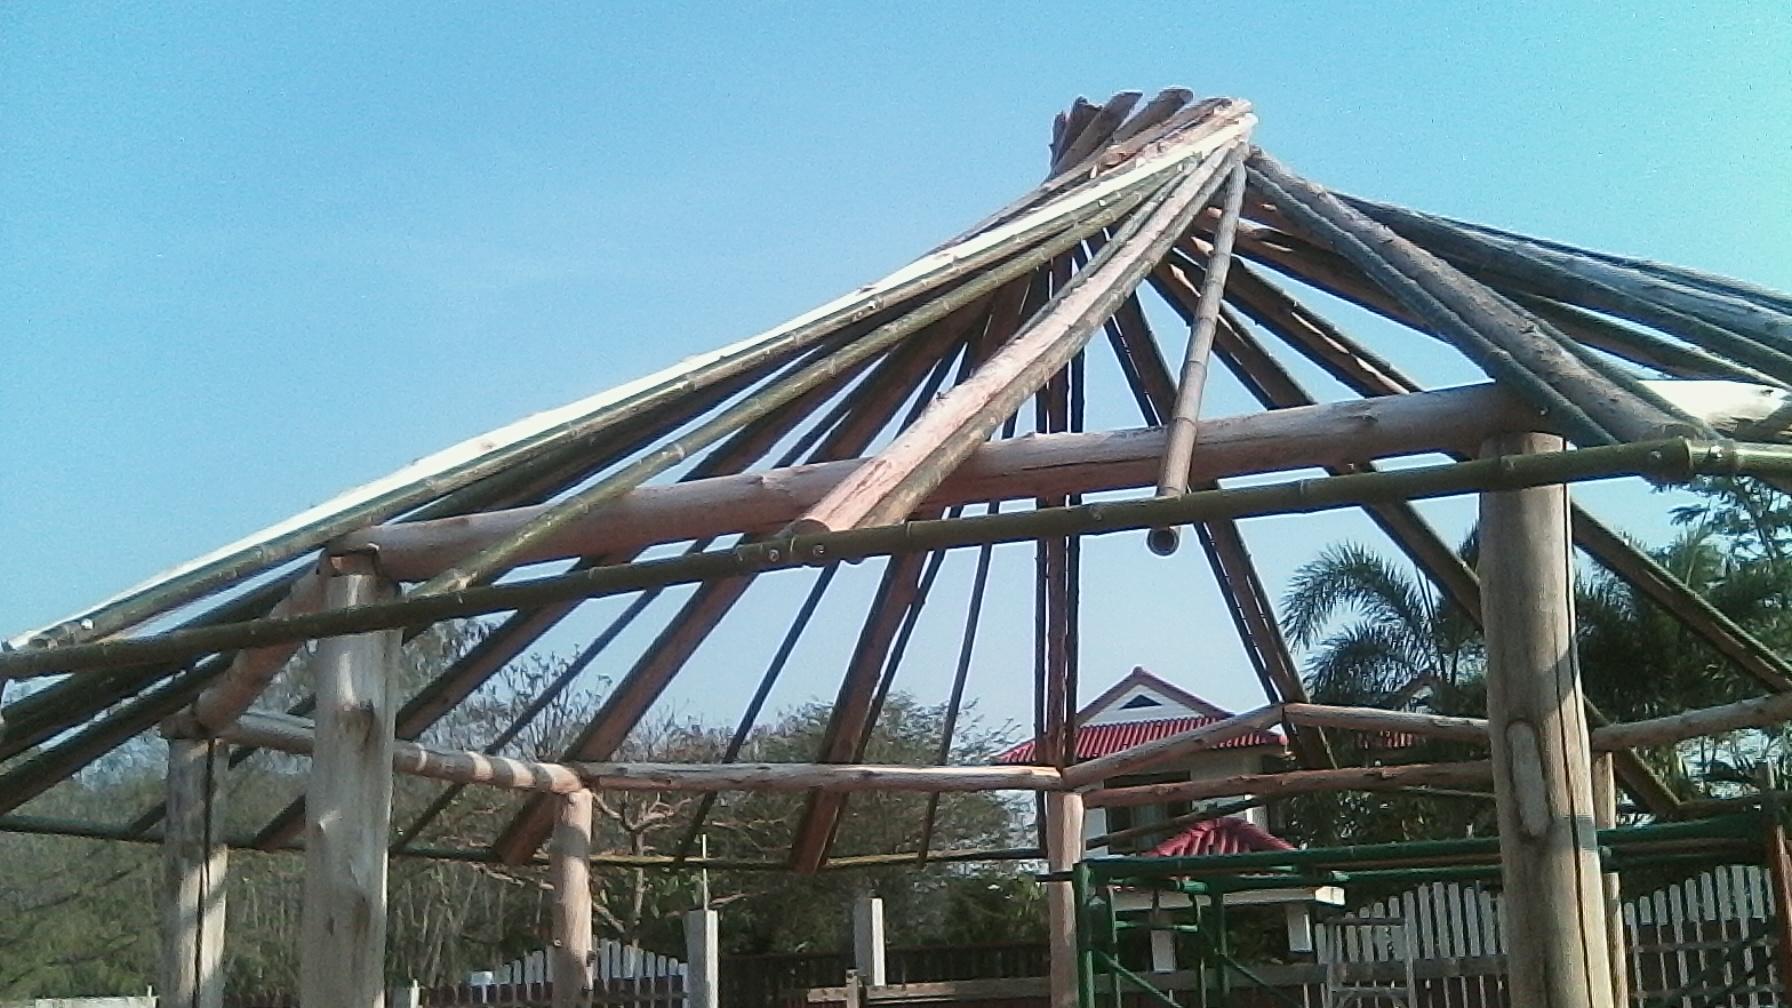 Bambusstäbe werden am Balken  fesgeschraubt